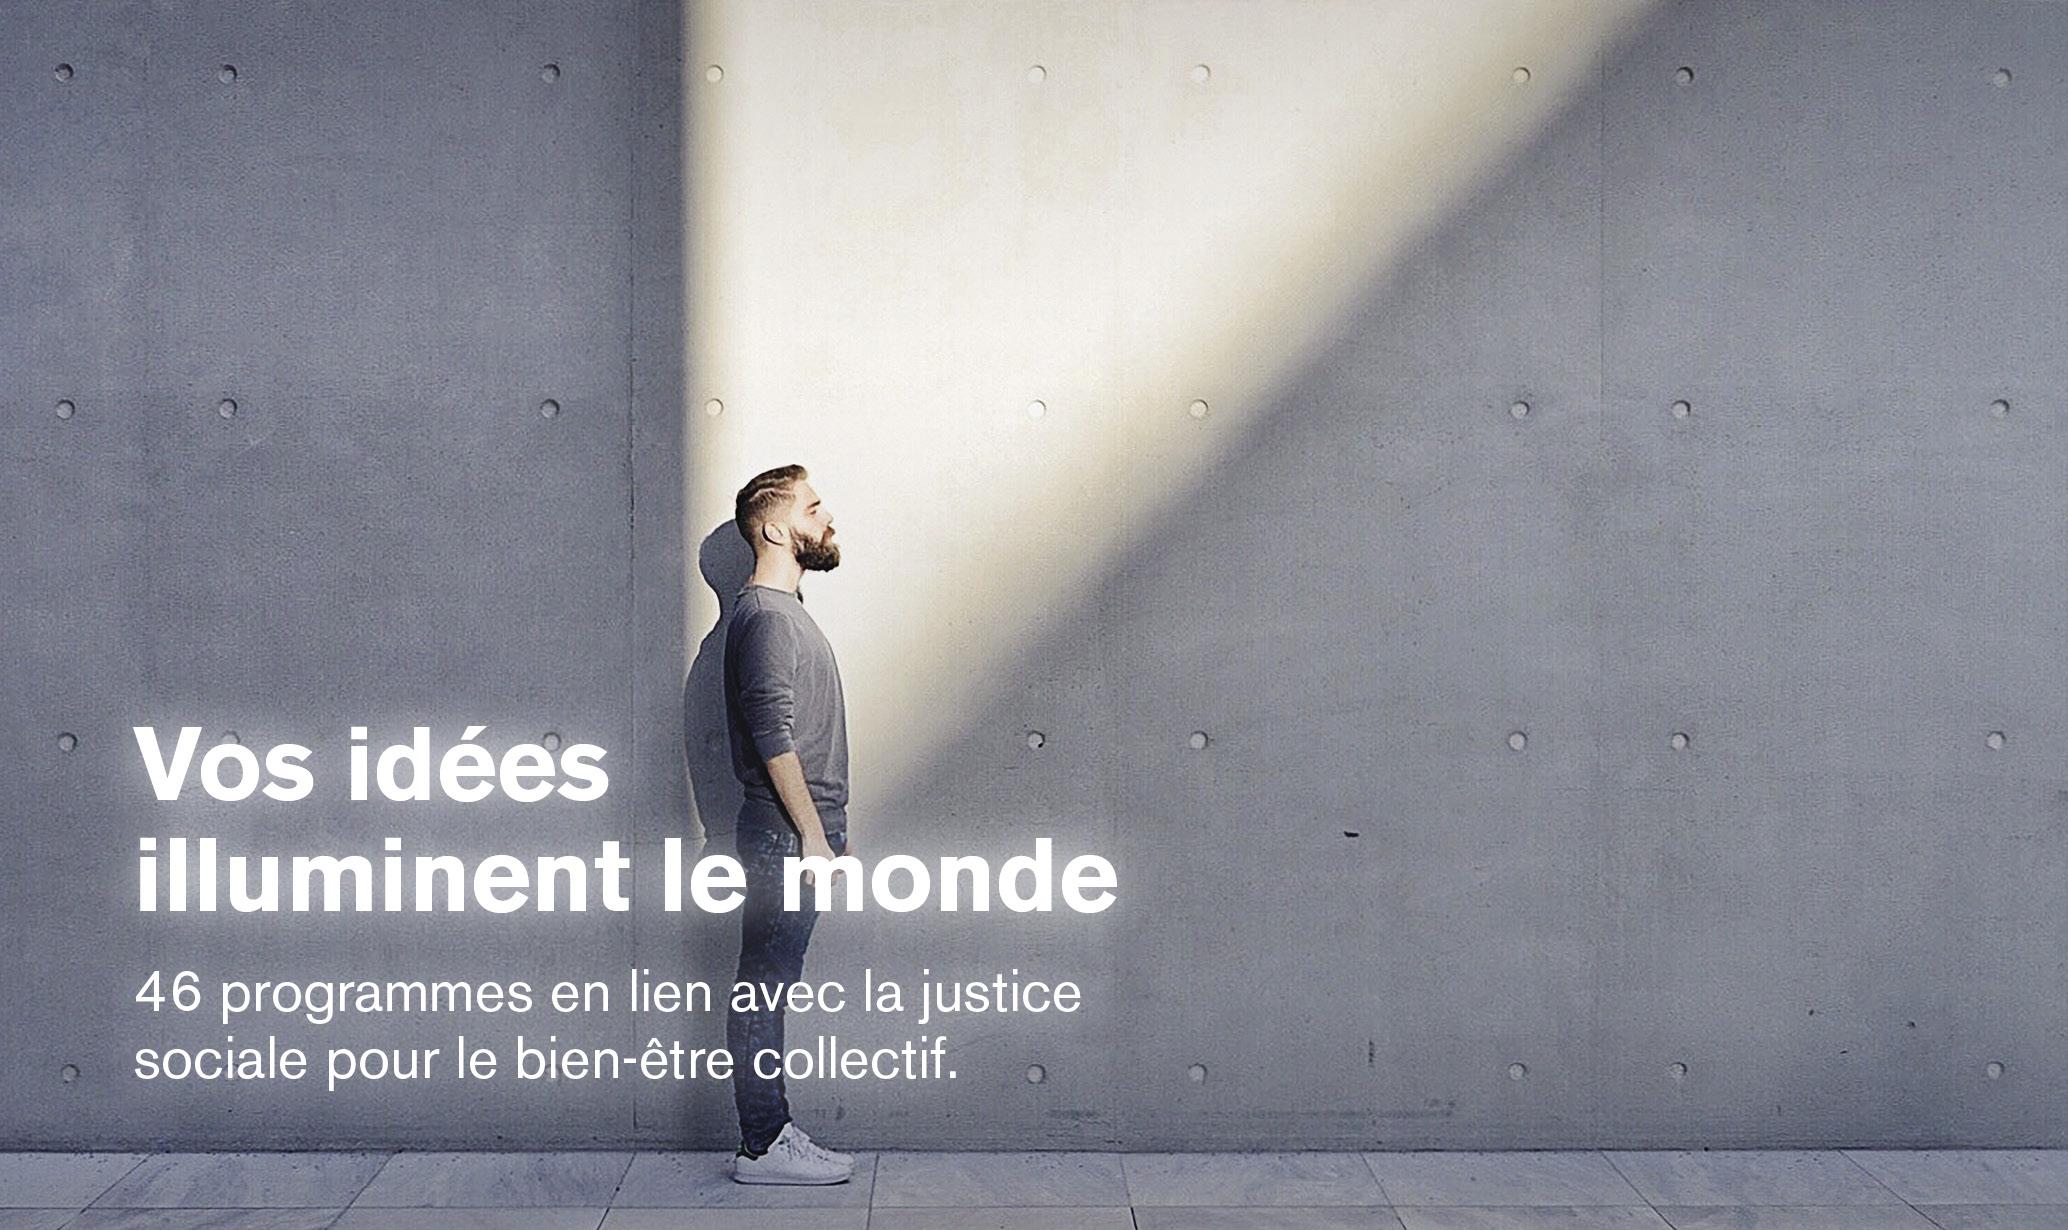 Vos idées illuminent le monde | 46 programmes en lien avec la justice sociale pour le bien-être collectif.